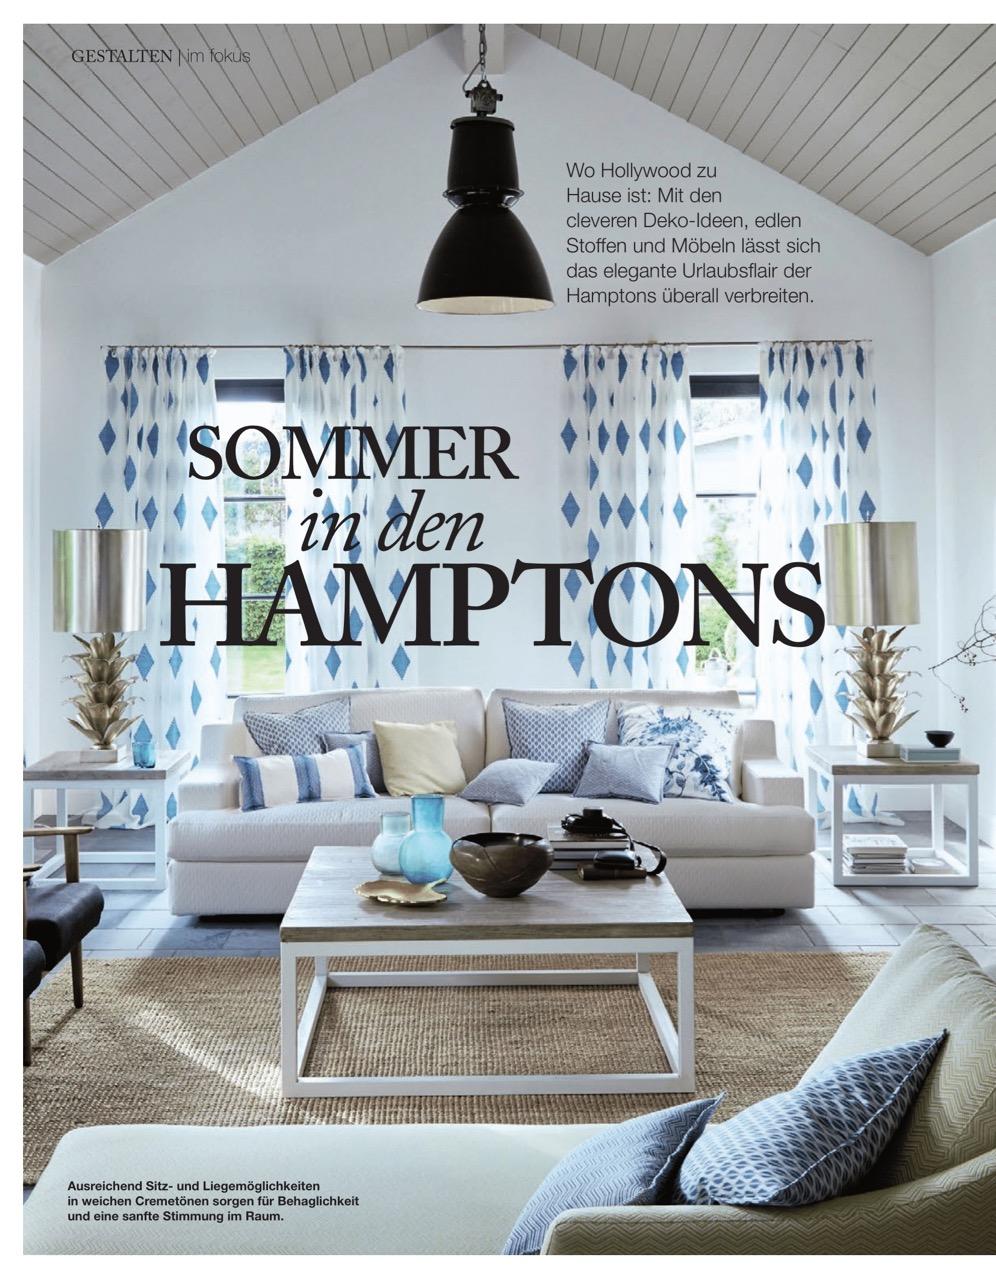 Artikel Sommer in den Hamptons